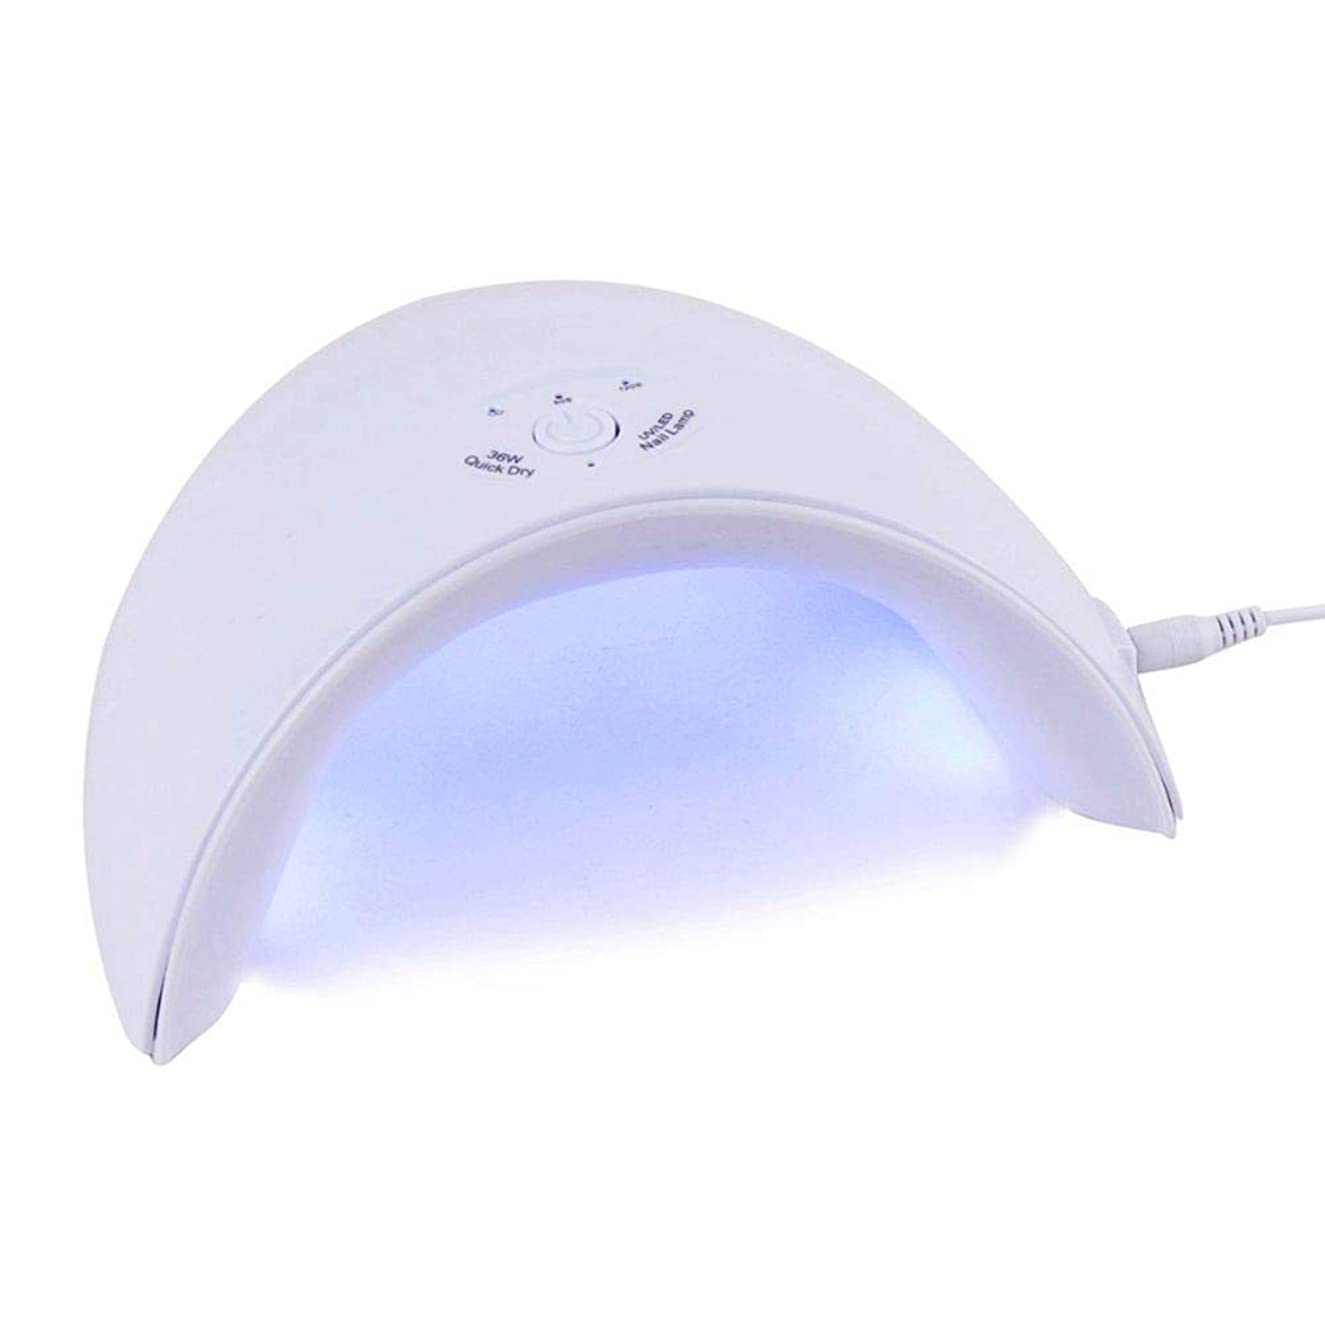 疑い者続編ミスネイルドライヤー新しい36W UV LEDランプすべてのタイプのネイルドライヤージェル12個のLEDネイルマシン用UVランプ硬化60秒/ 120秒タイマーUSBコネクタ、写真の色